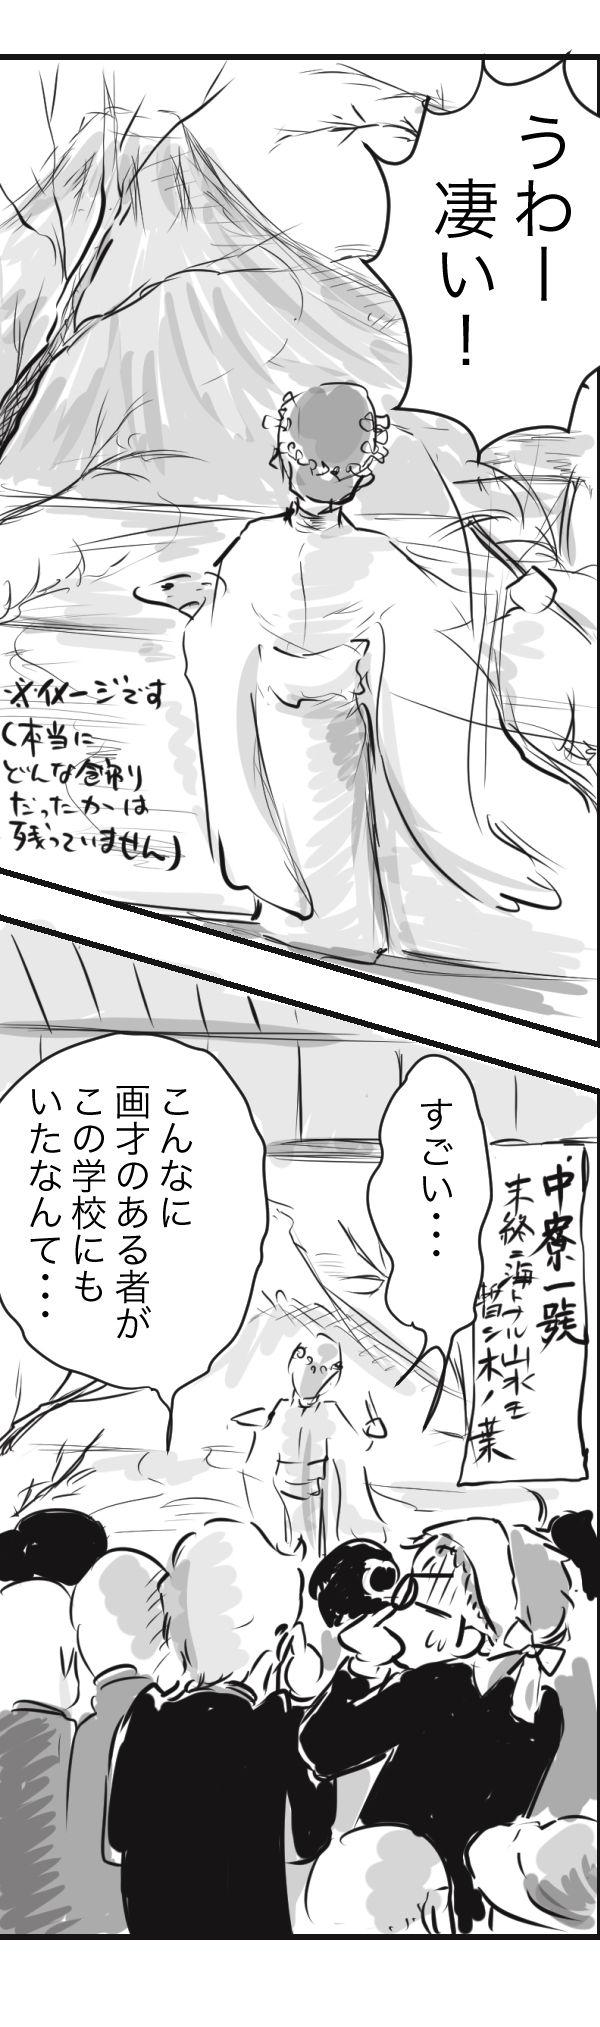 山田 金沢 4−4−1